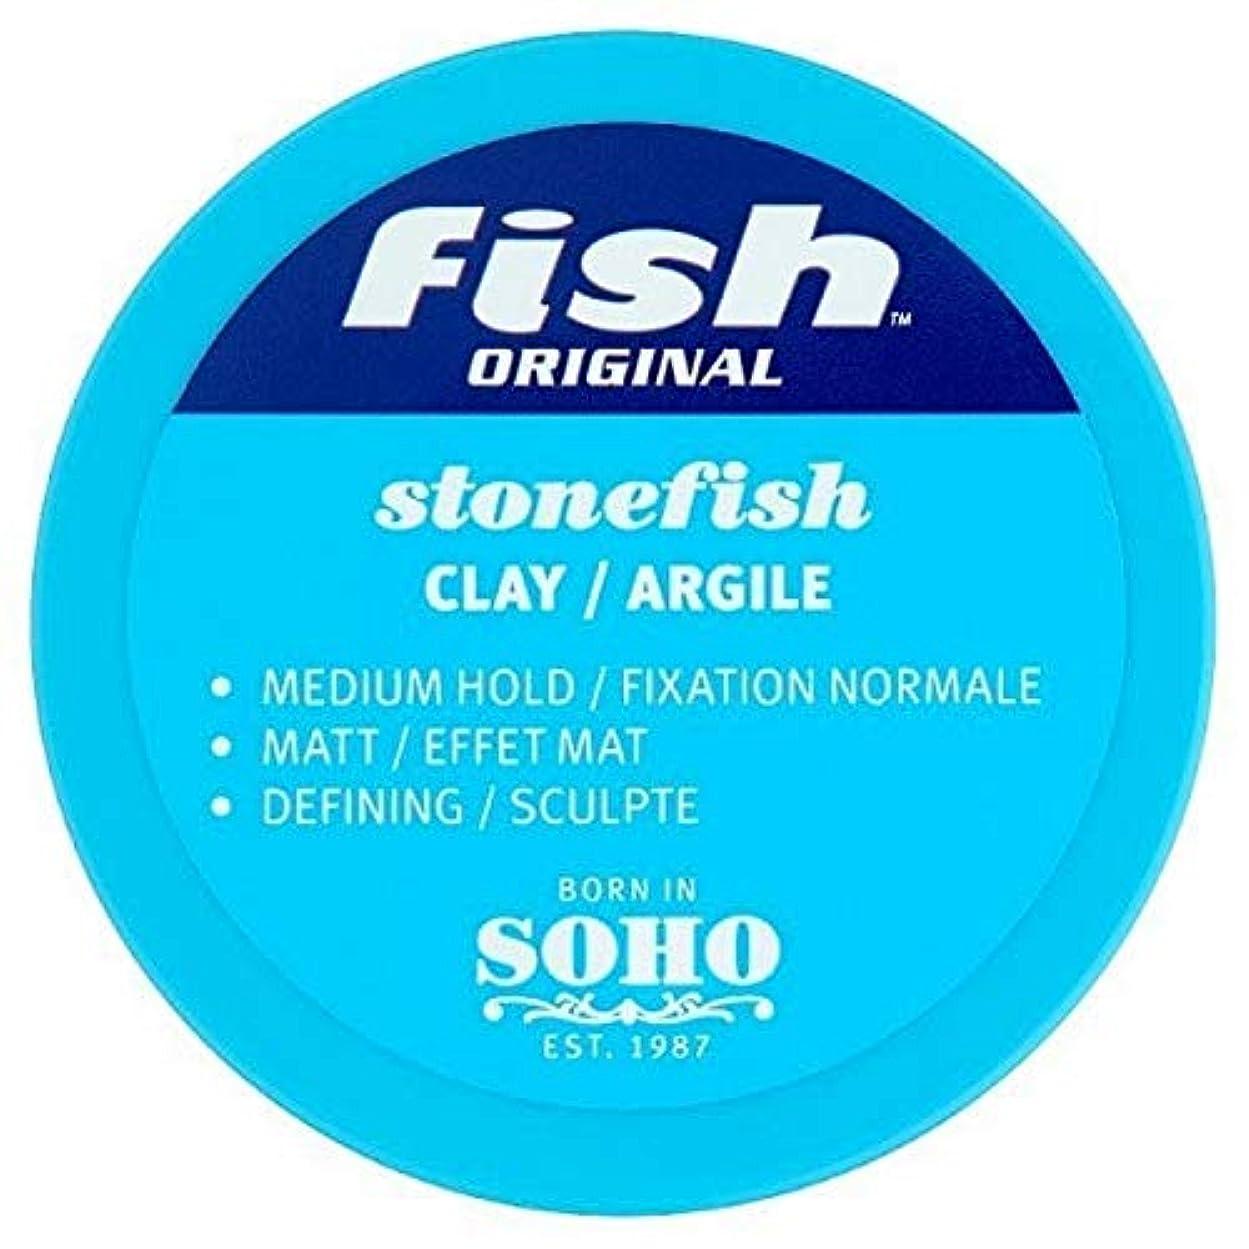 降雨豪華な手当[Fish Soho] 魚本来のオニダルマオコゼマット粘土70ミリリットル - Fish Original Stonefish Matt Clay 70ml [並行輸入品]